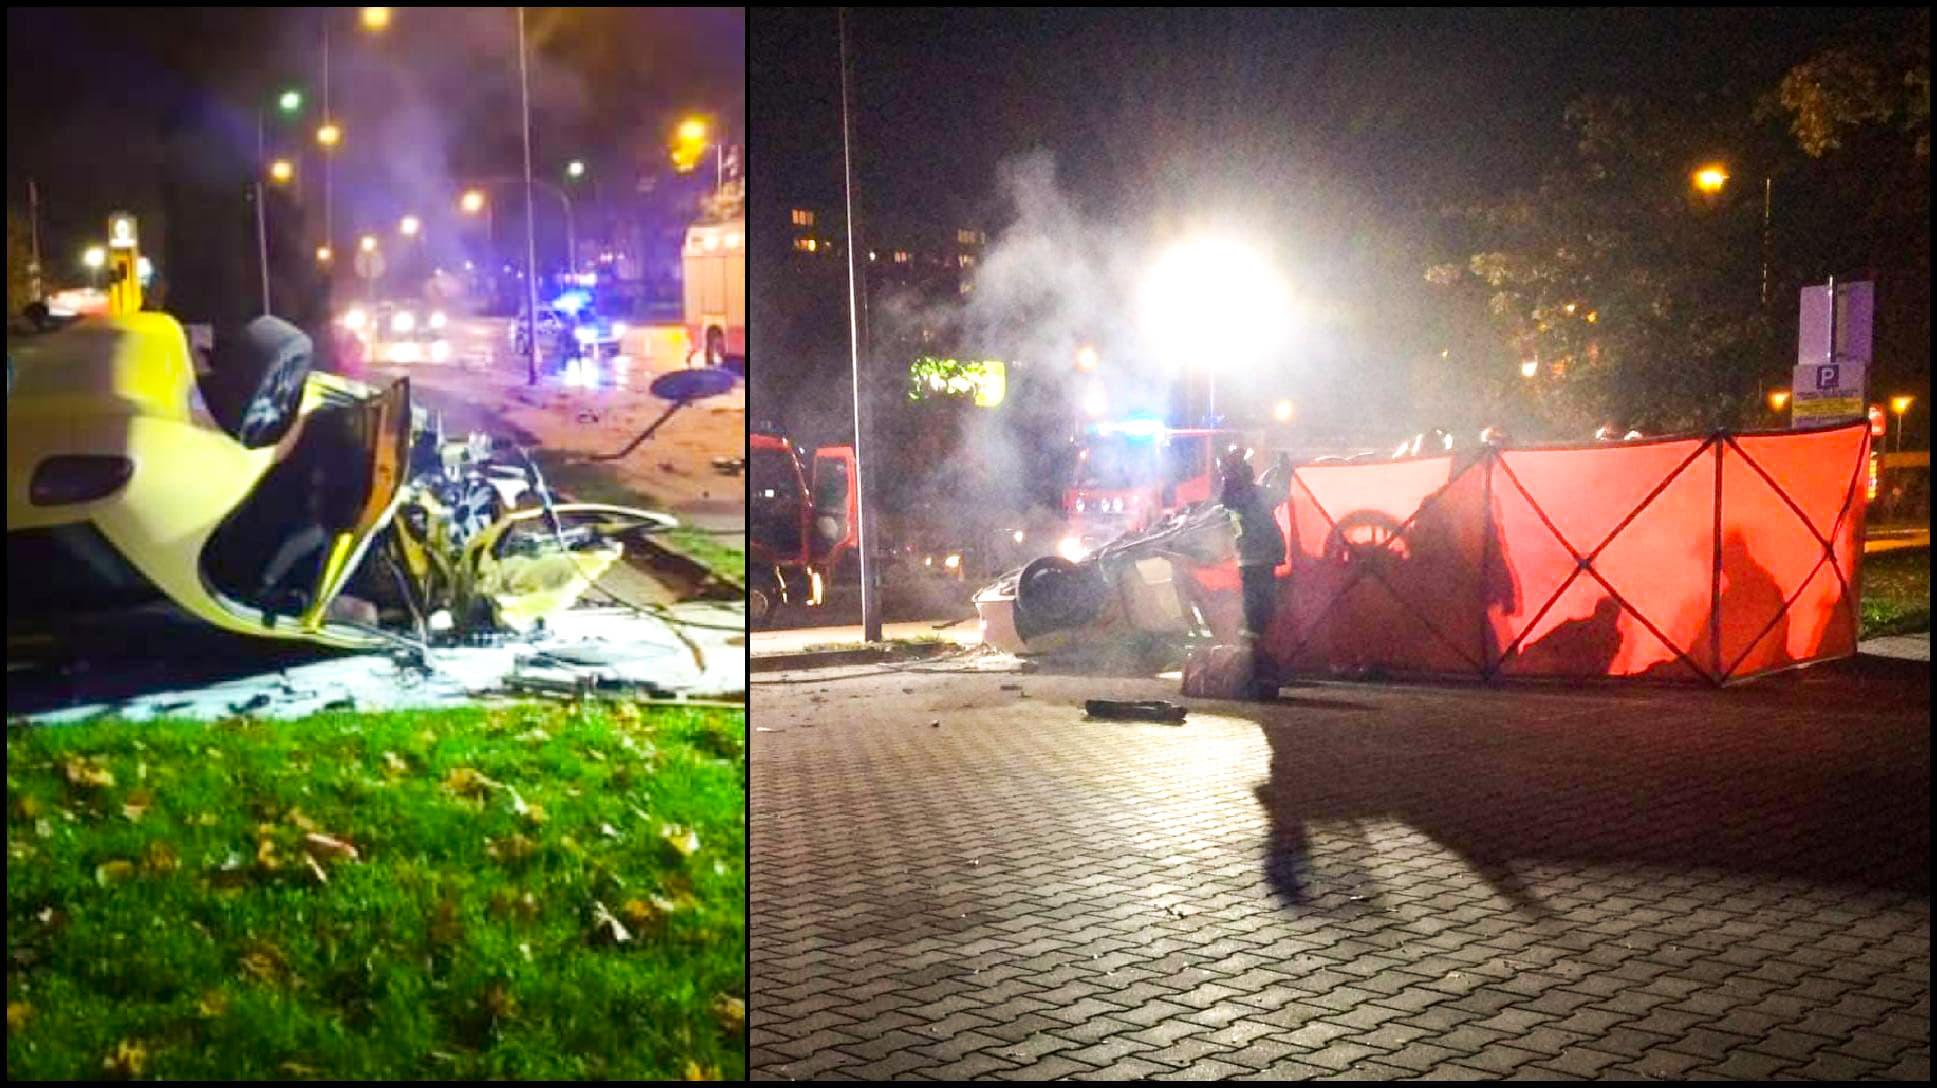 Śmiertelny wypadek w Mielcu. Nie żyje 22-letni kierowca! [AKTUALIZACJA] - Zdjęcie główne